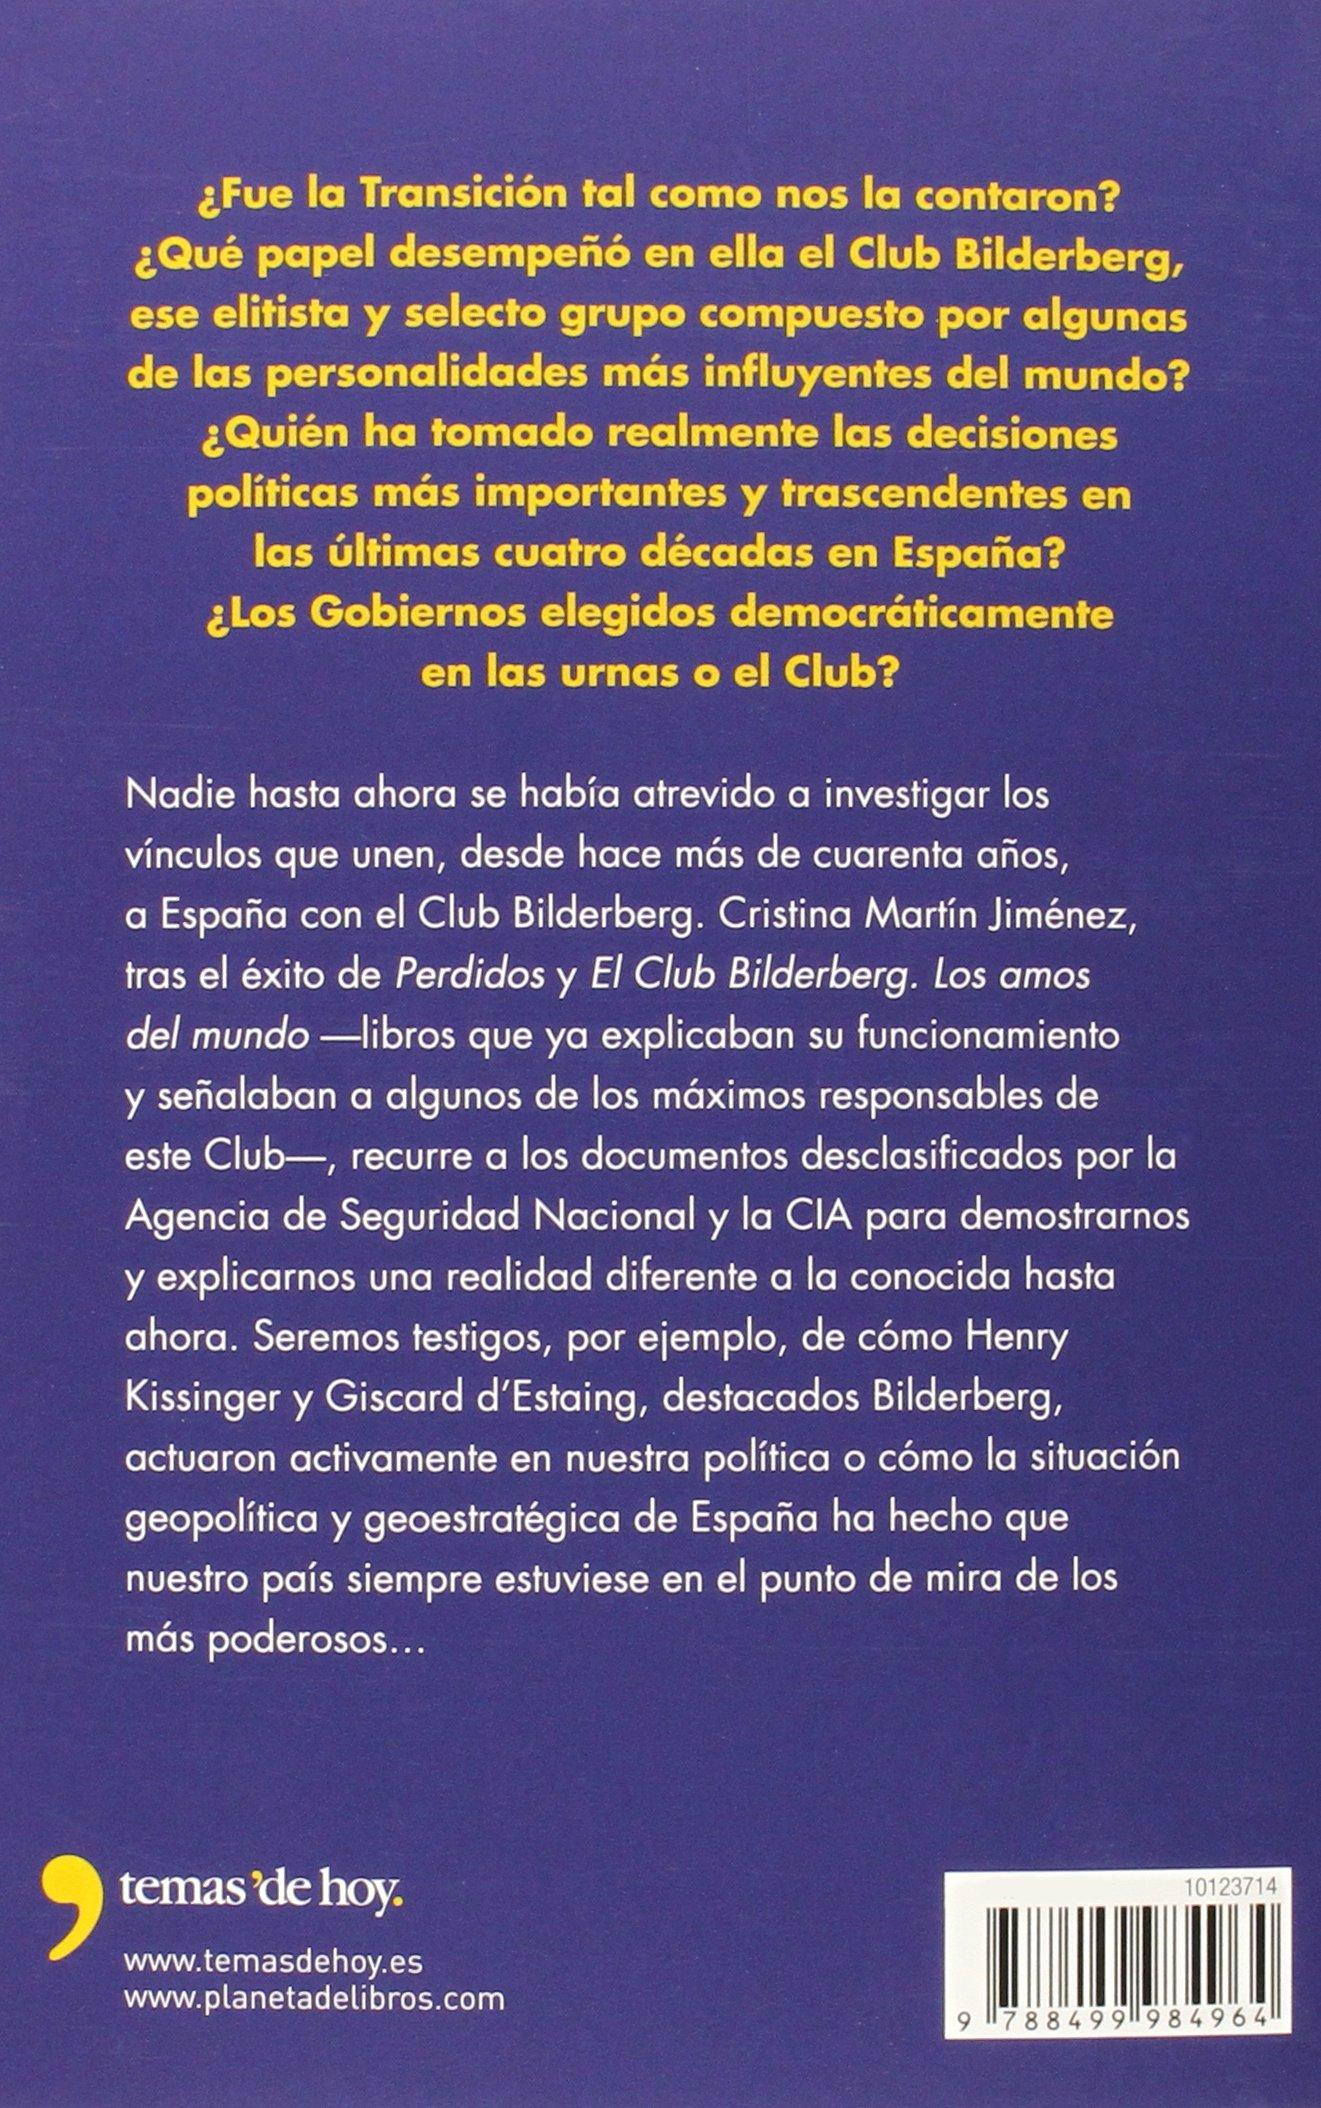 Los planes del club Bilderberg para España Fuera de Colección: Amazon.es: Martín Jiménez, Cristina: Libros